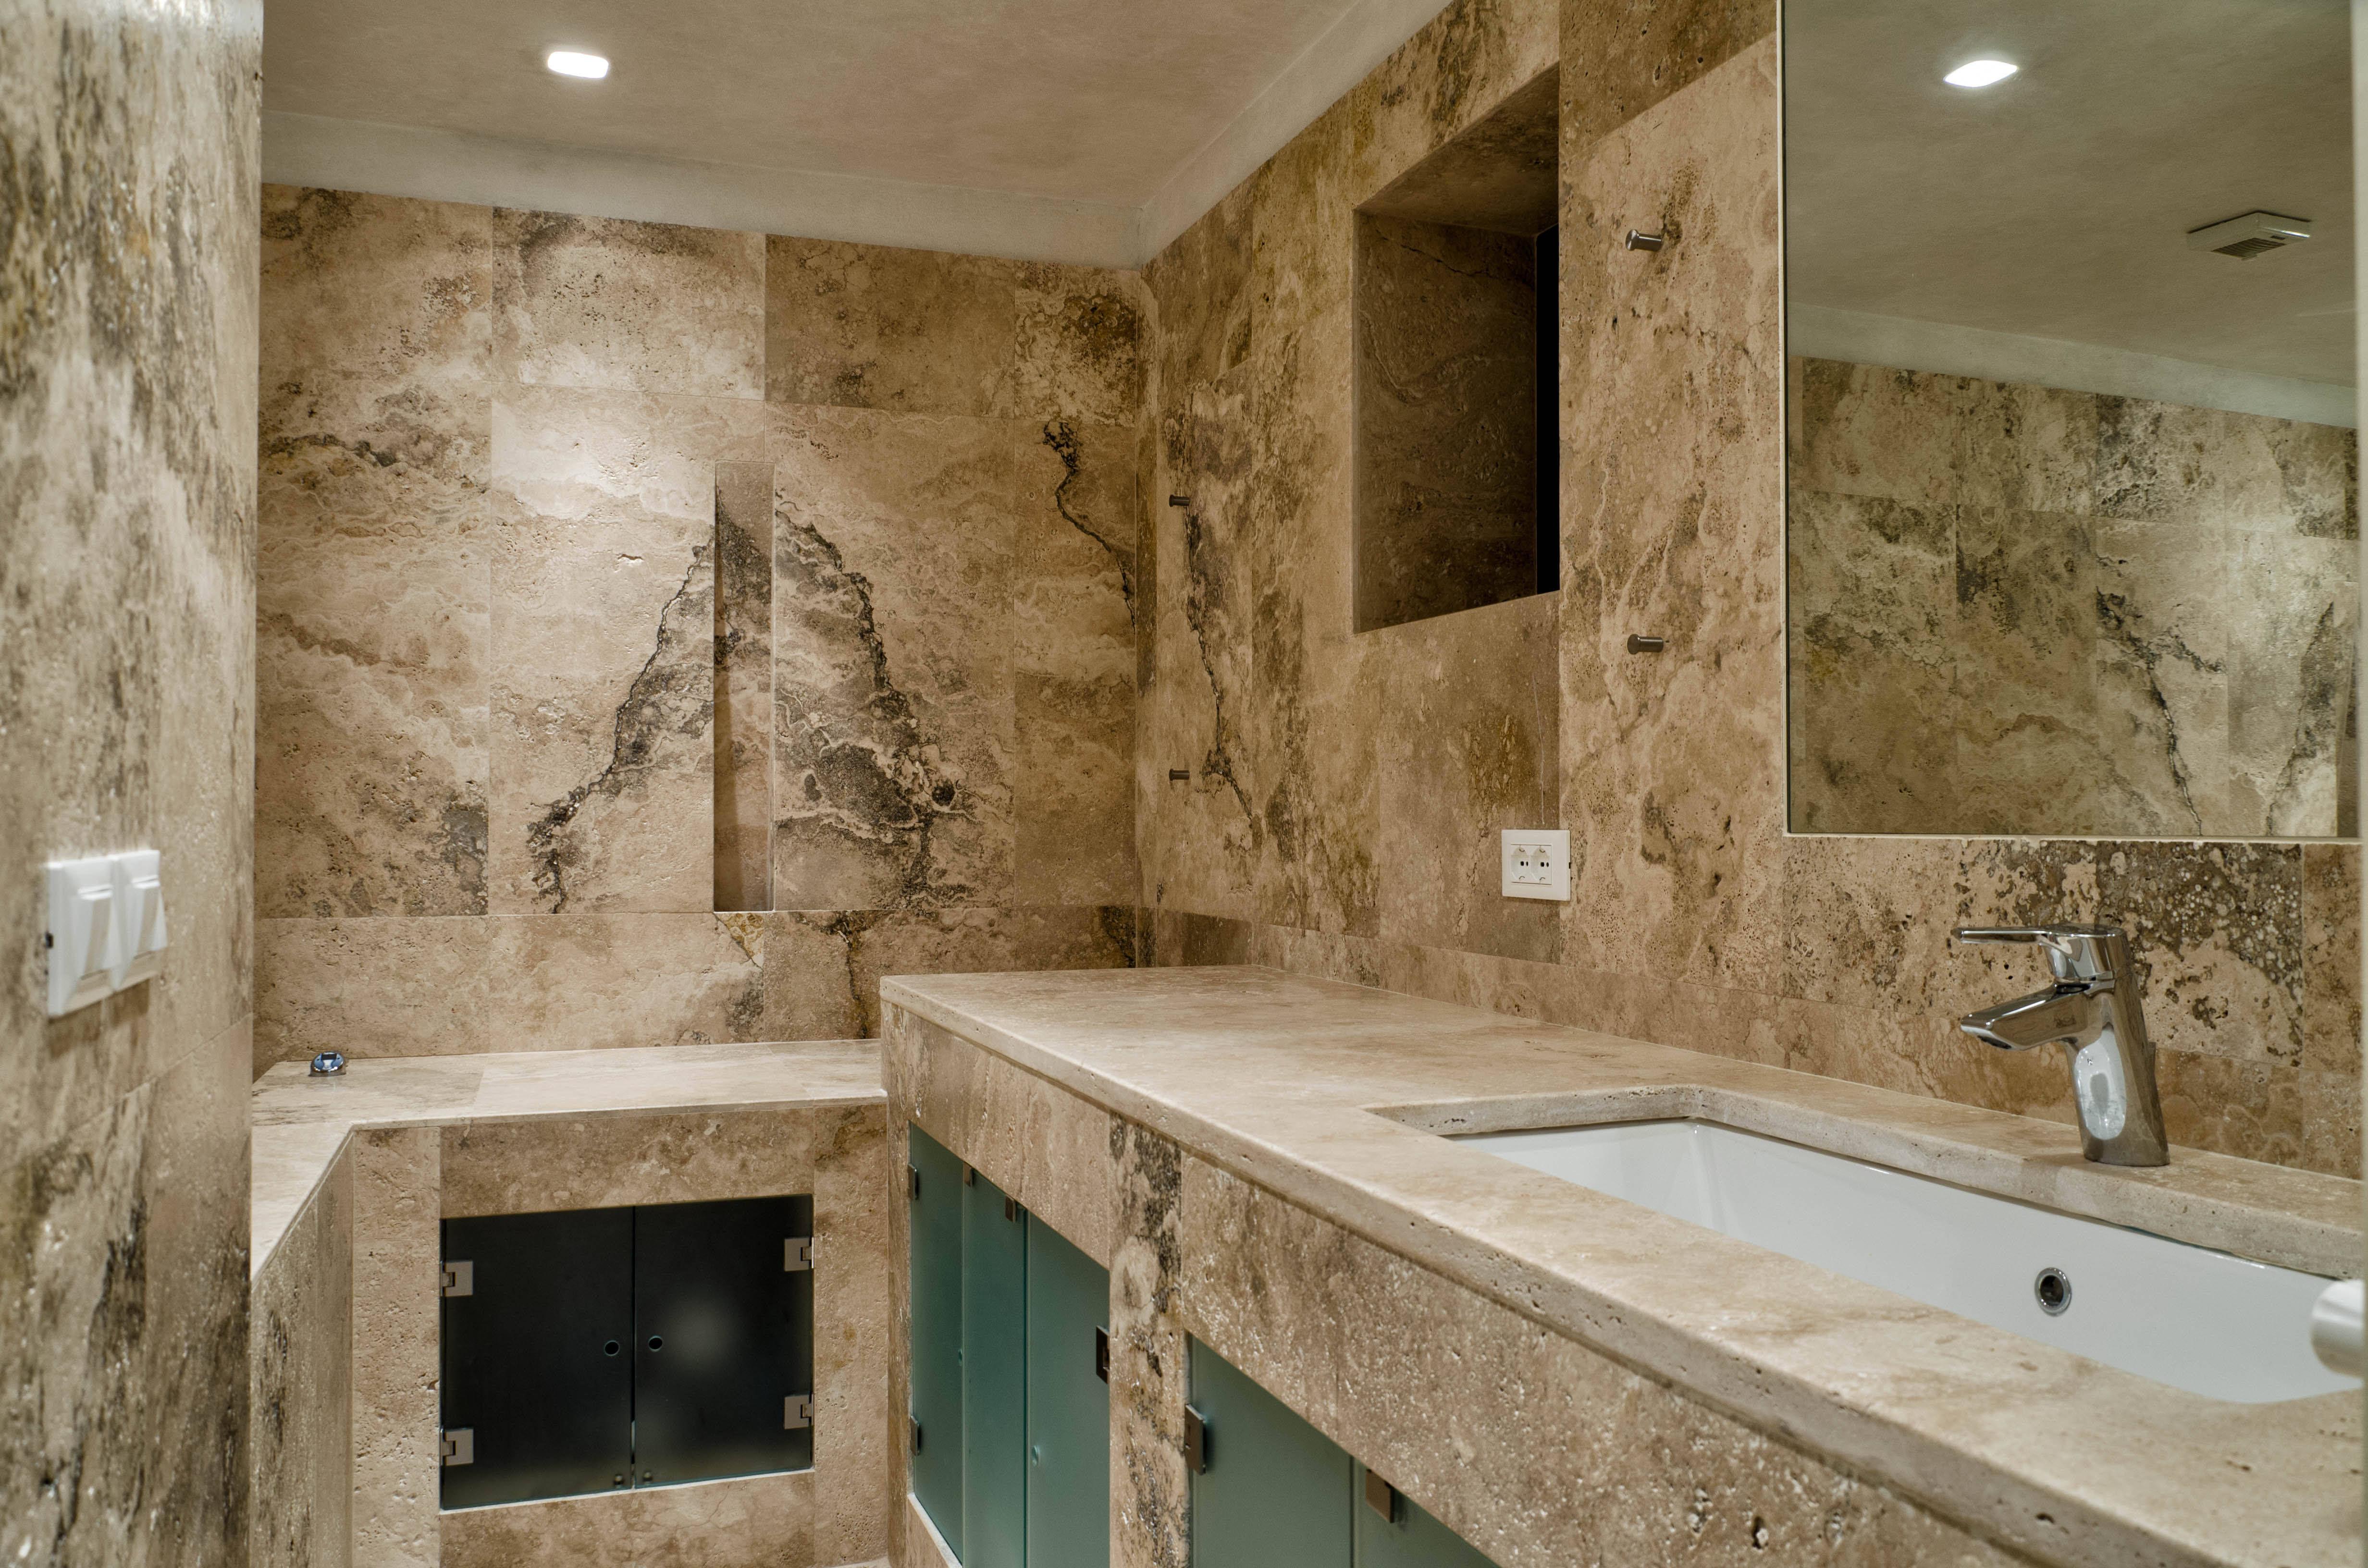 Rivestimento In Legno Per Vasca Da Bagno : Il bagno come una spa: naturale e attento al benessere